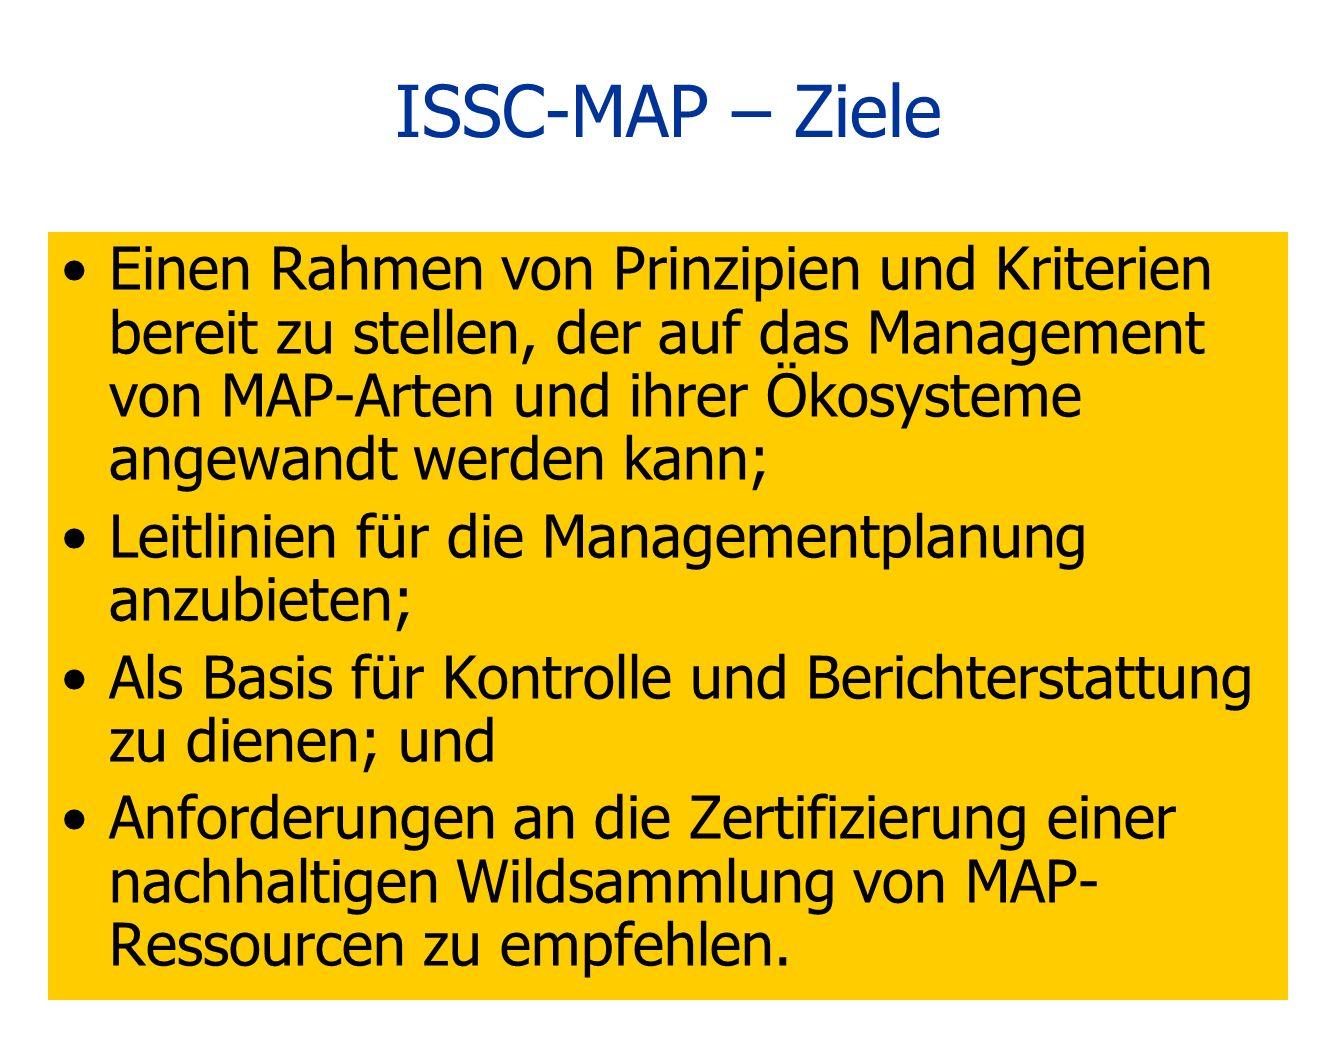 ISSC-MAP – Ziele Einen Rahmen von Prinzipien und Kriterien bereit zu stellen, der auf das Management von MAP-Arten und ihrer Ökosysteme angewandt werd